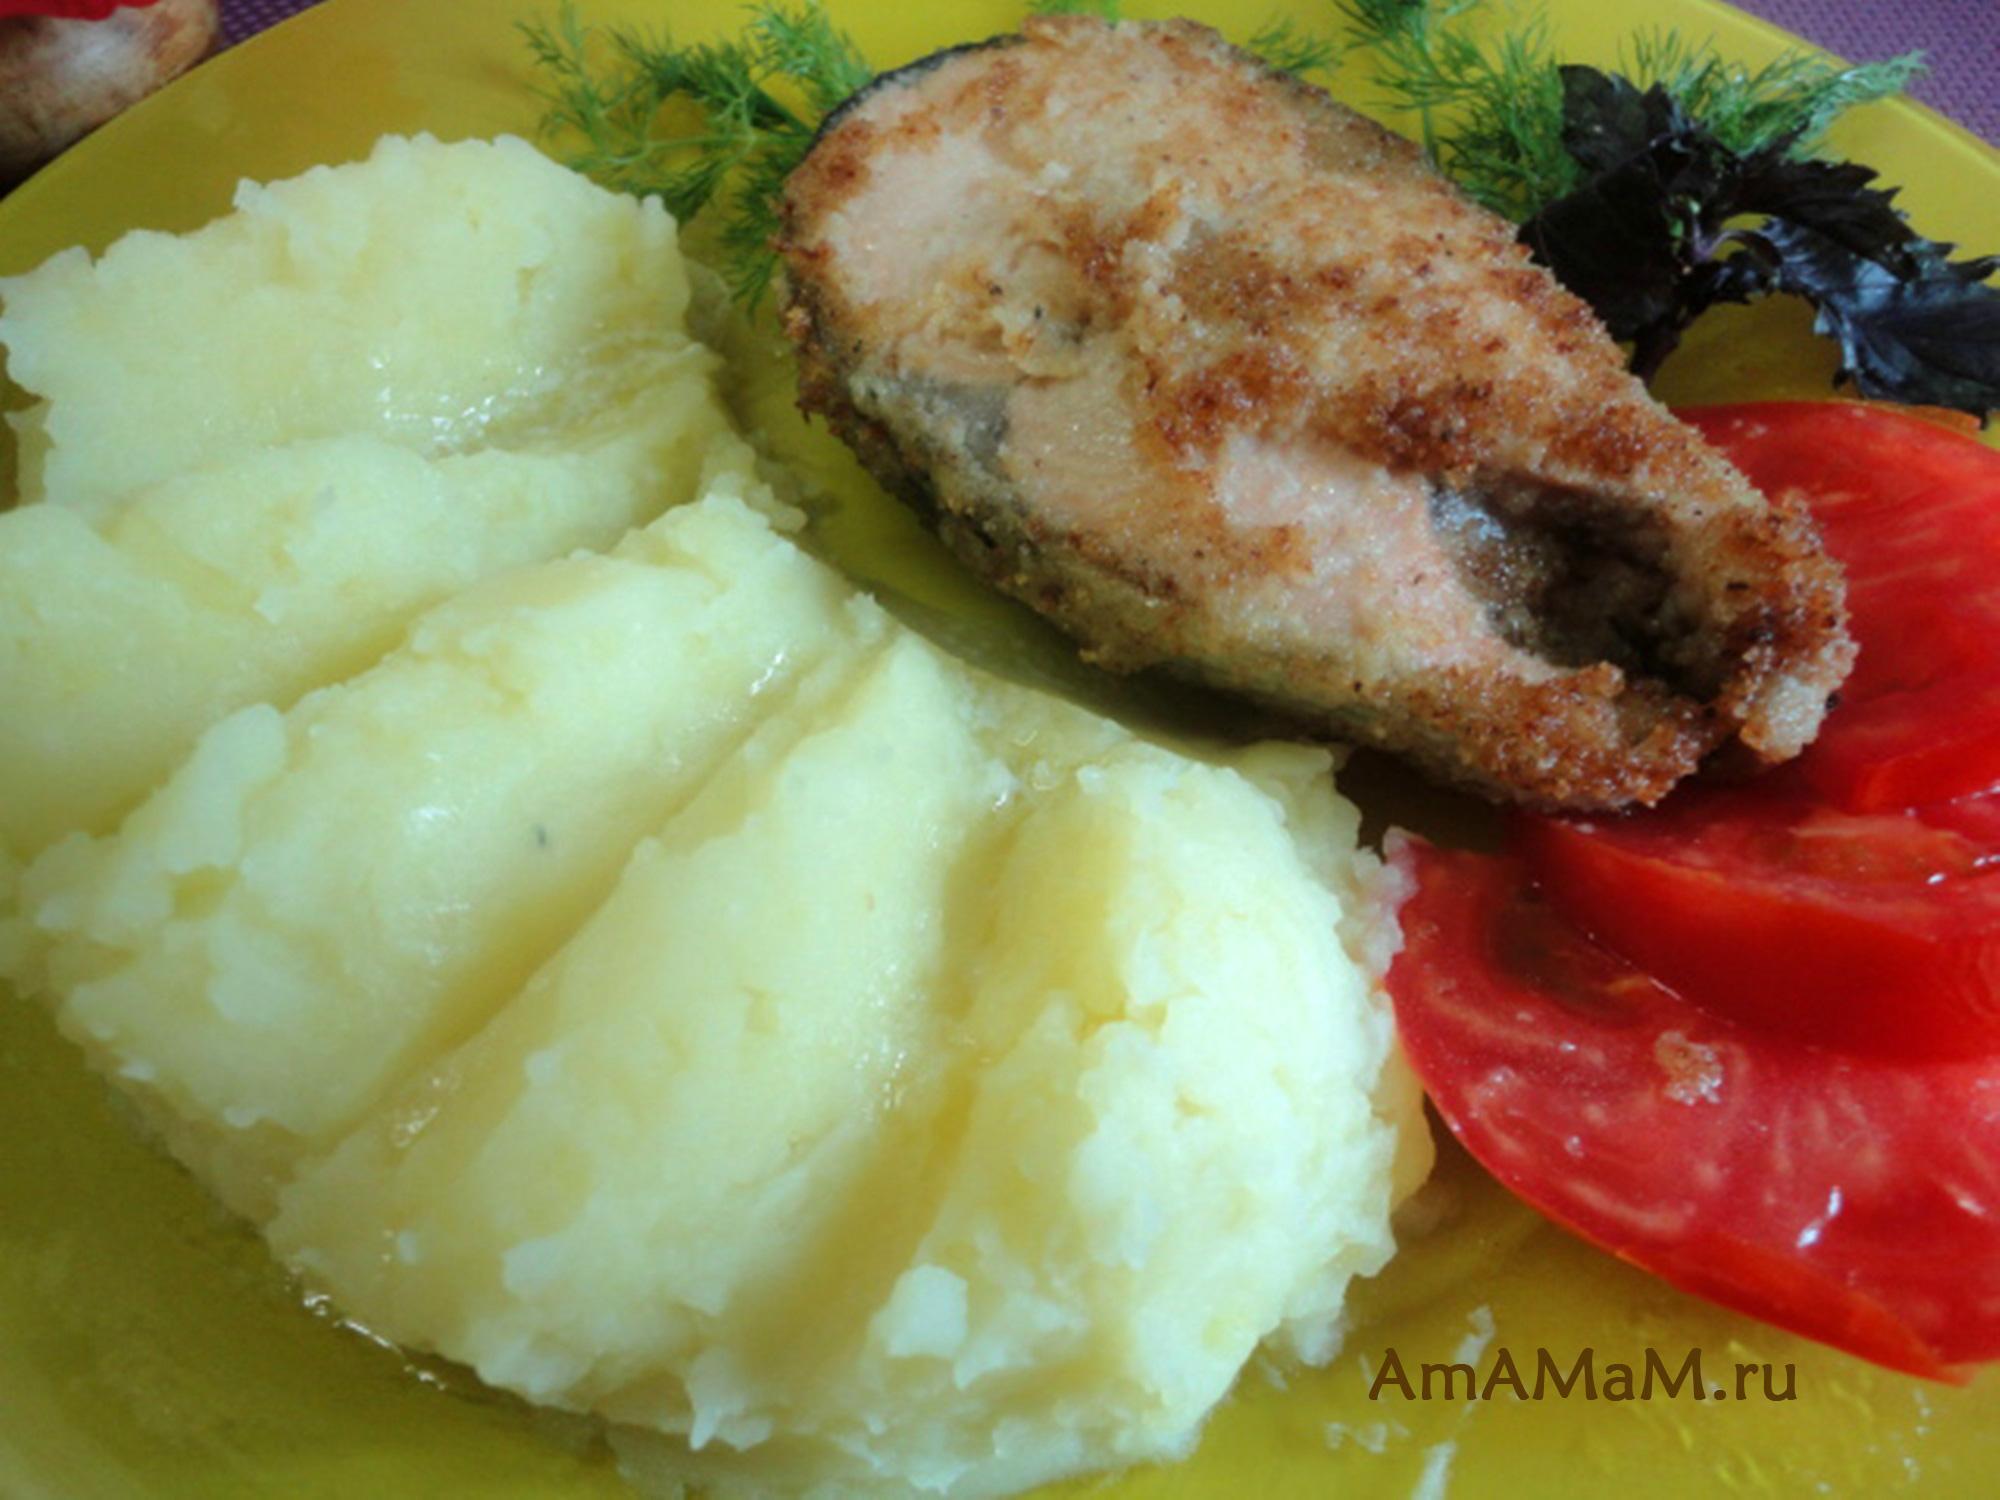 кета с картофелем в духовке рецепт с фото